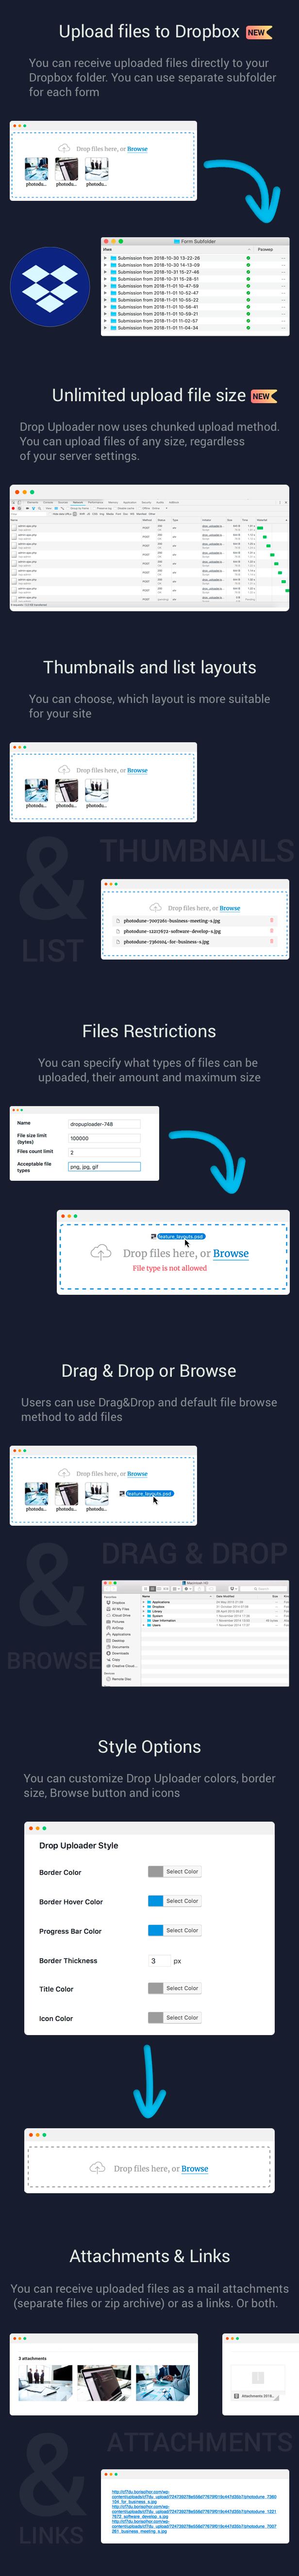 CF7 Drop Uploader Features